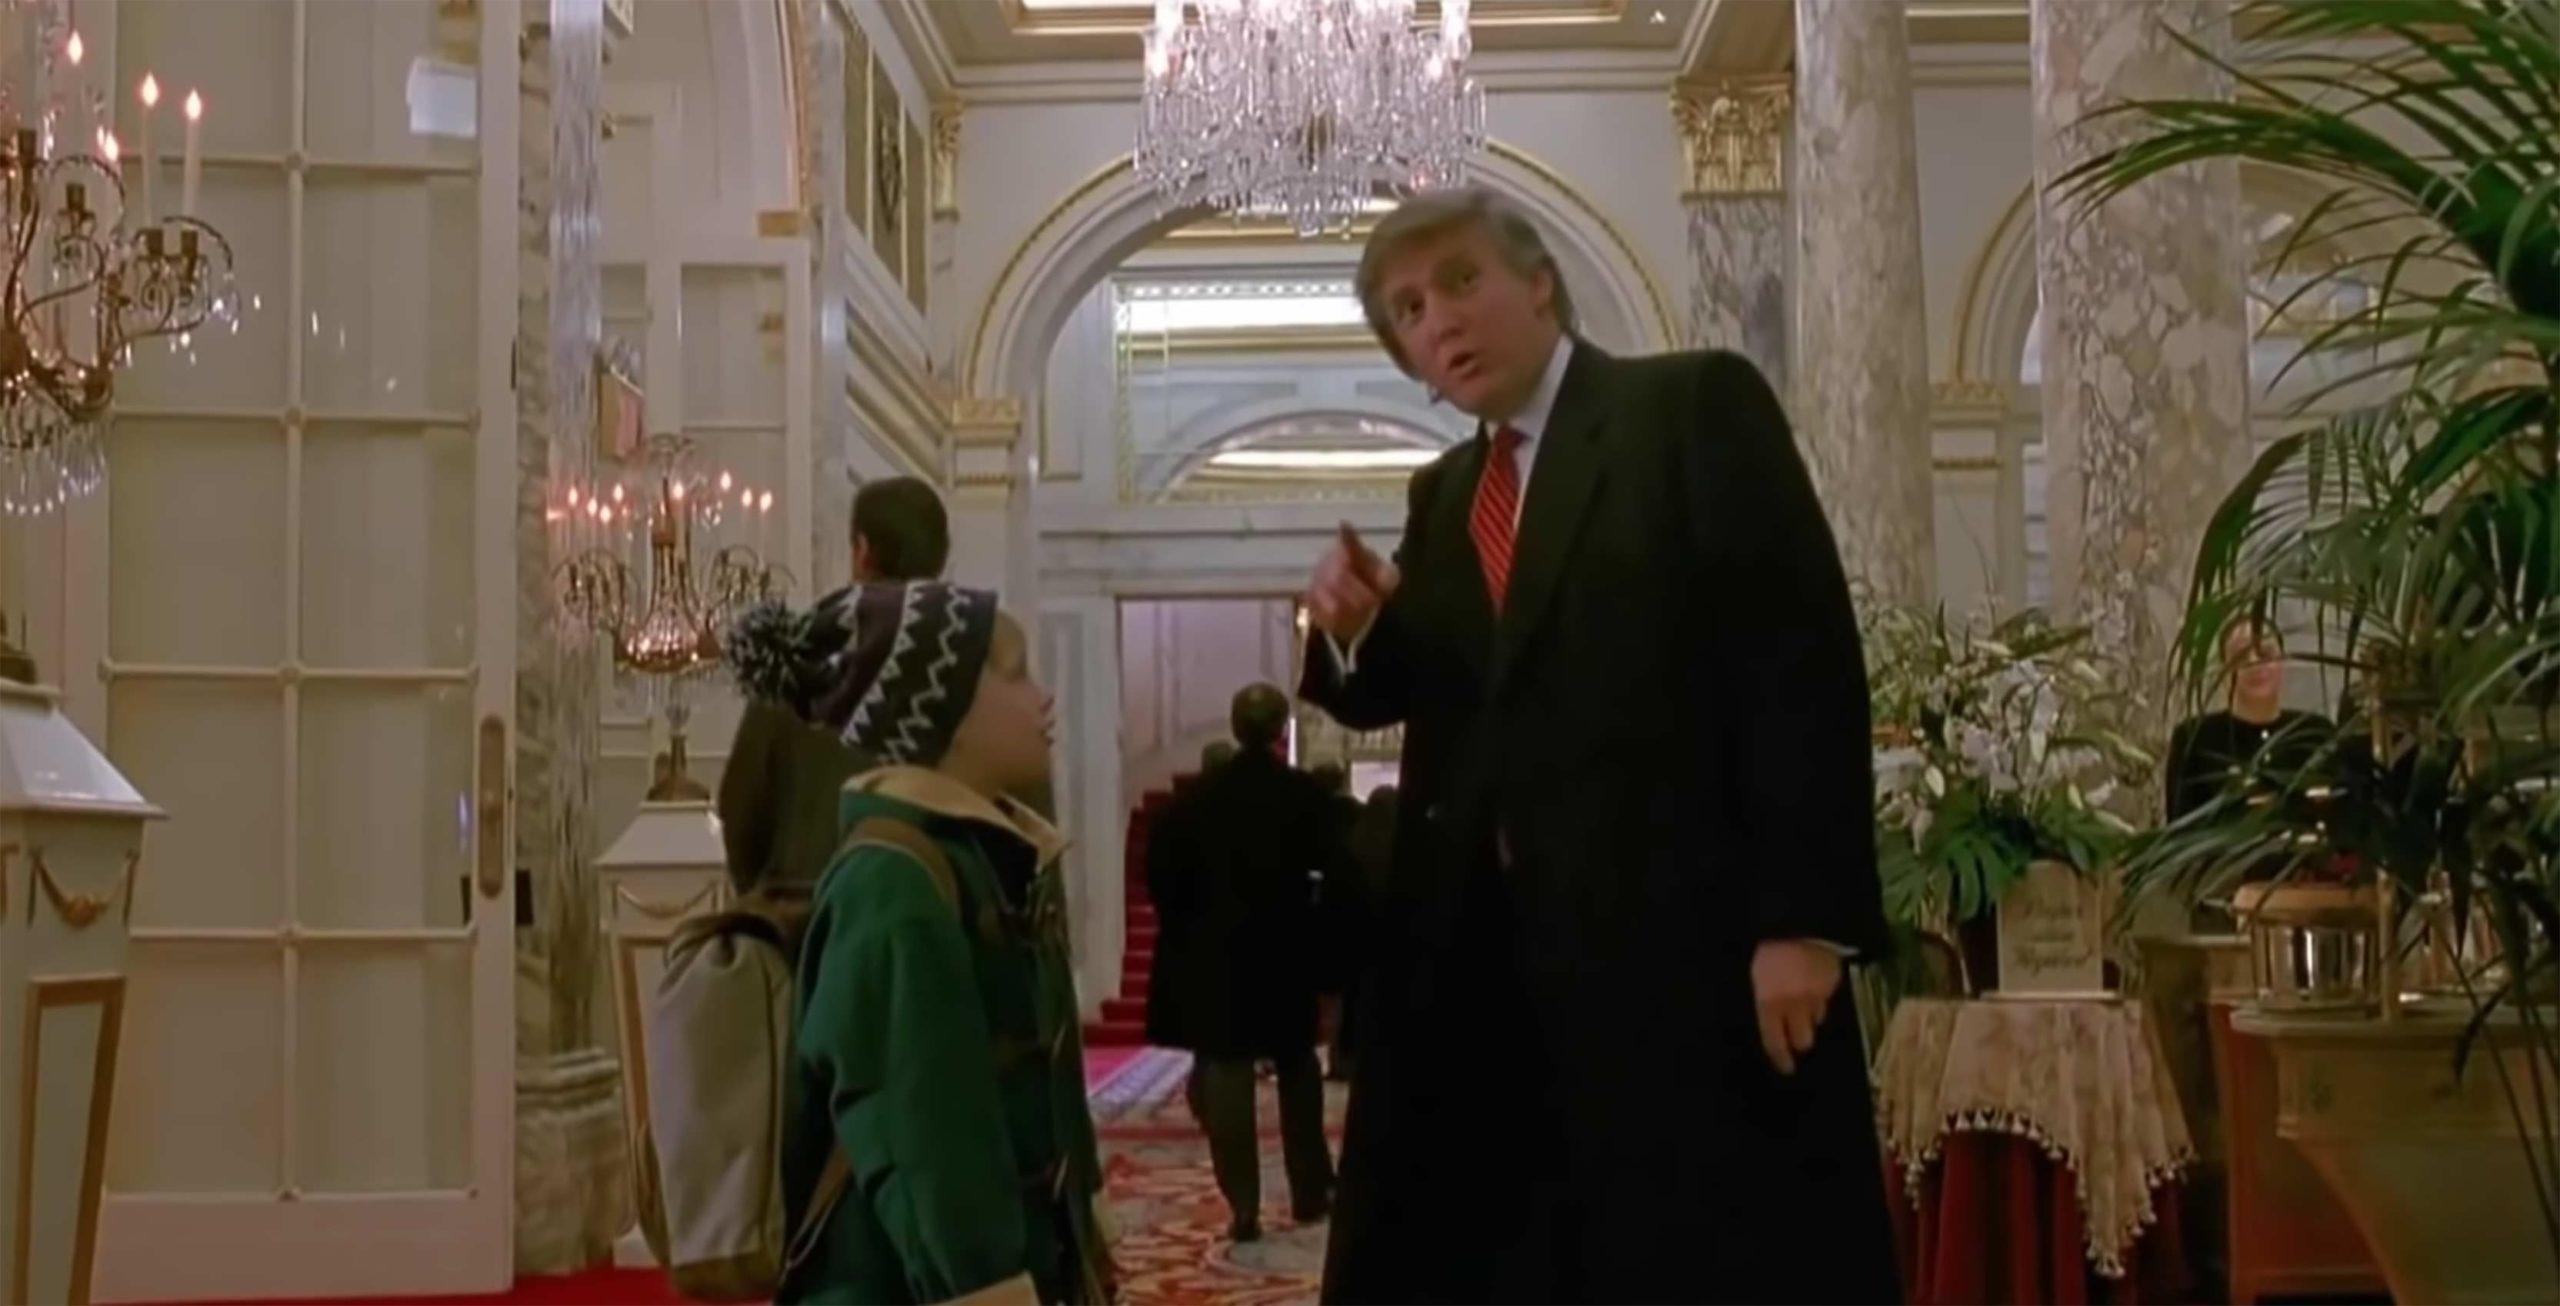 Home Alone 2 Donald Trump